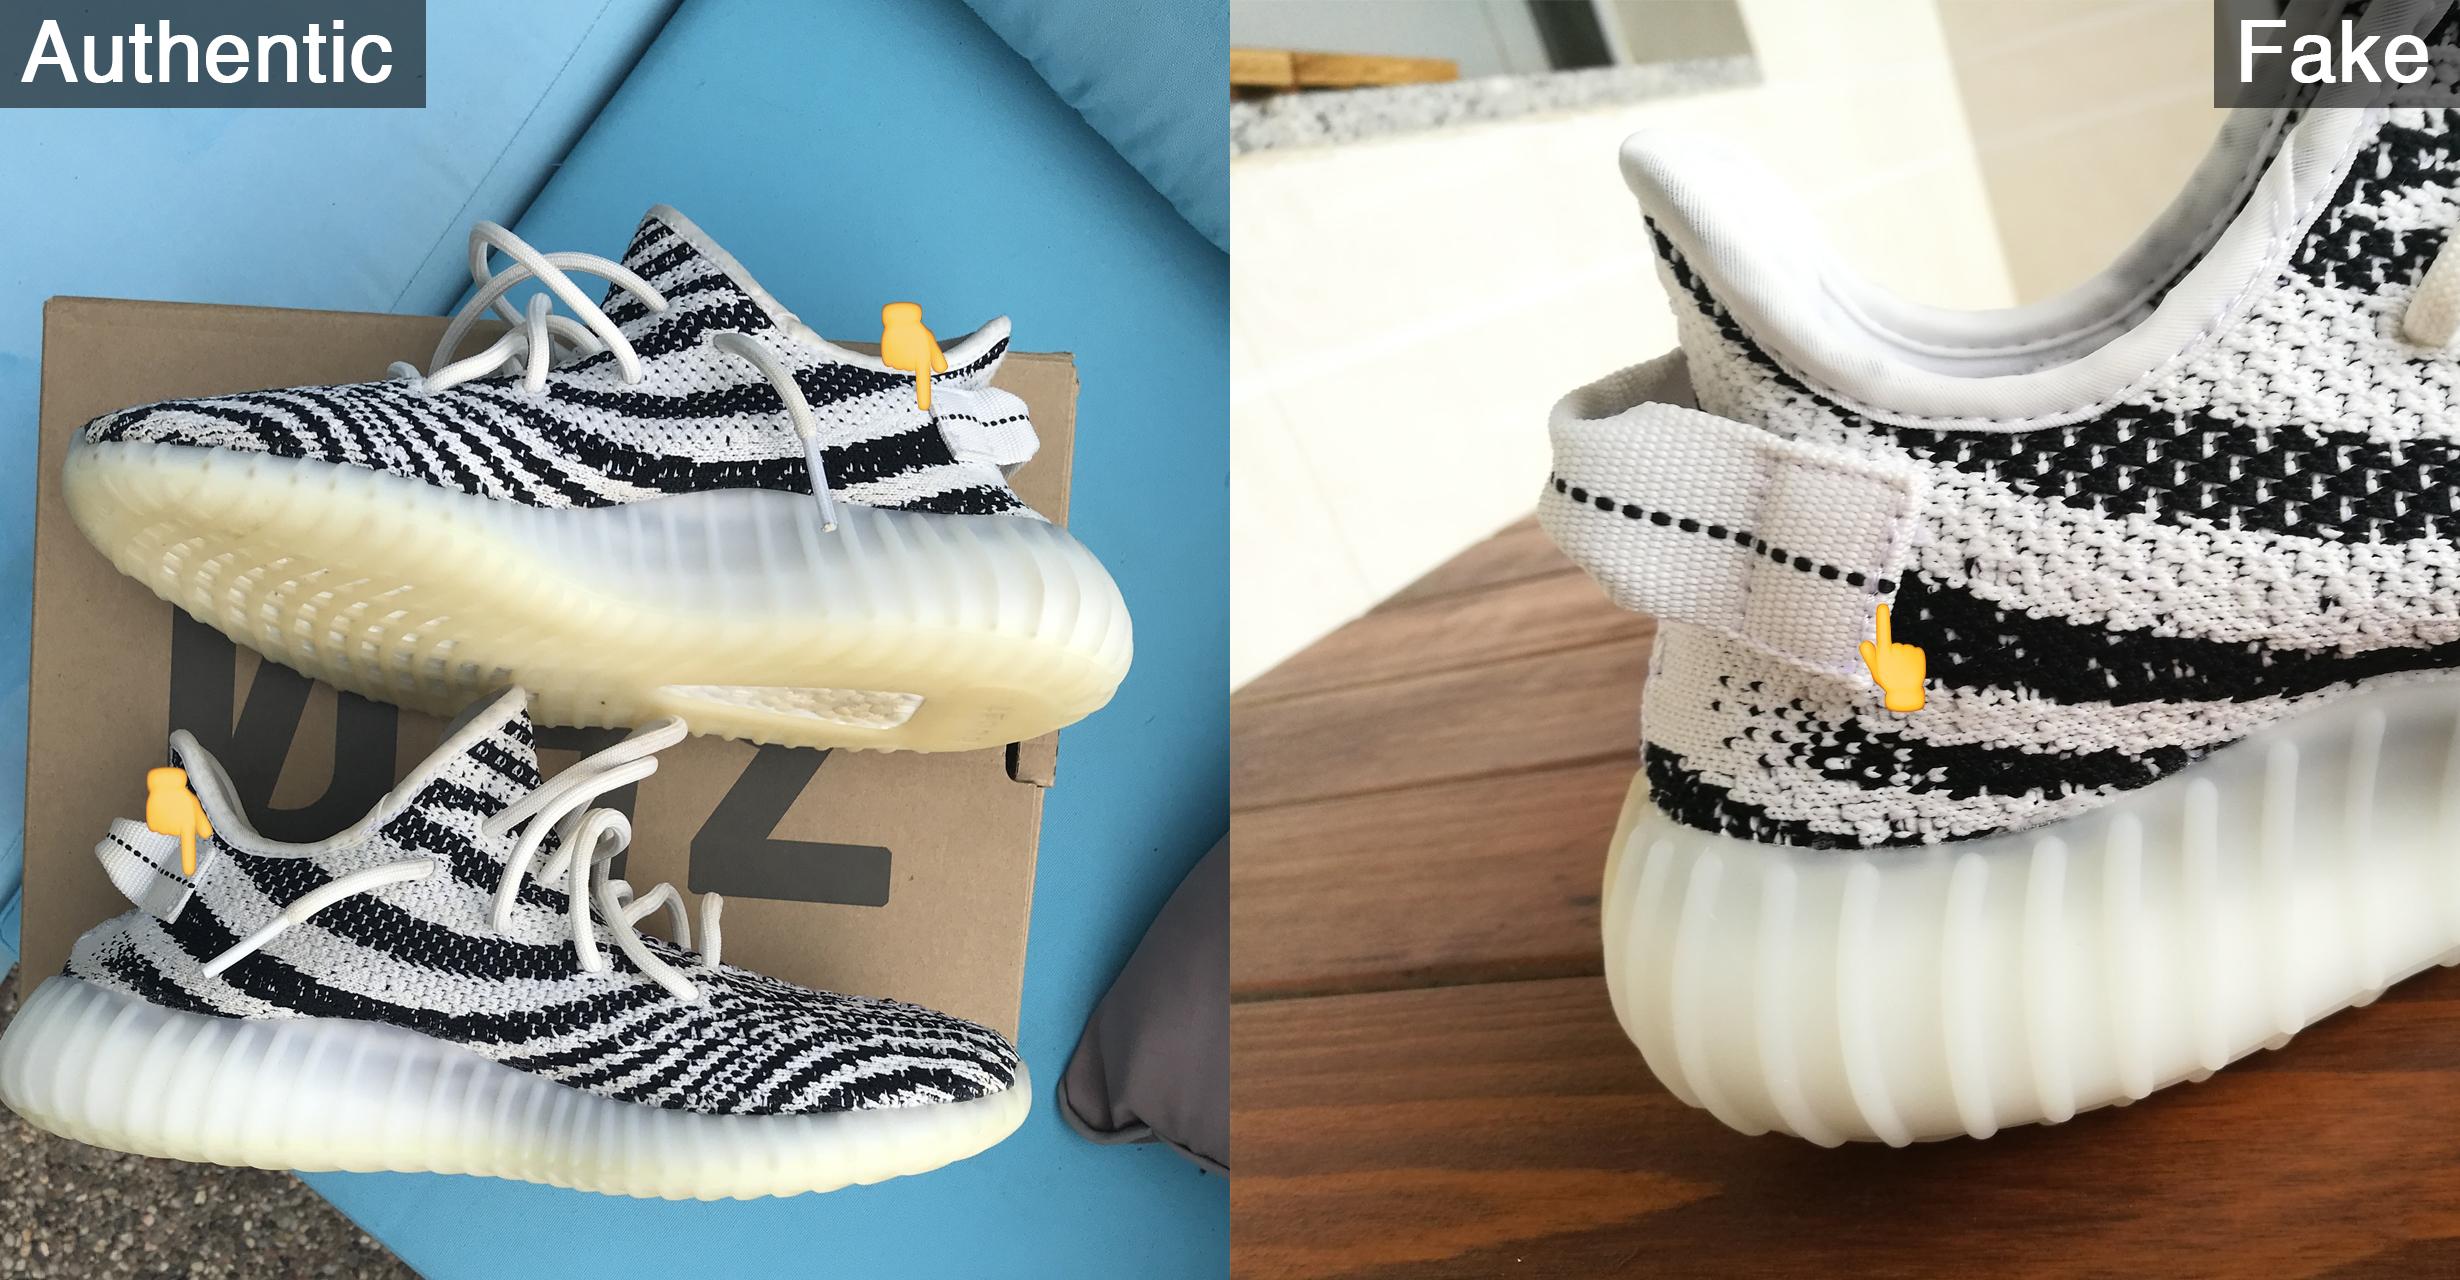 ea3145270dfdf Pull Tab (Zebra) – Legit Check App